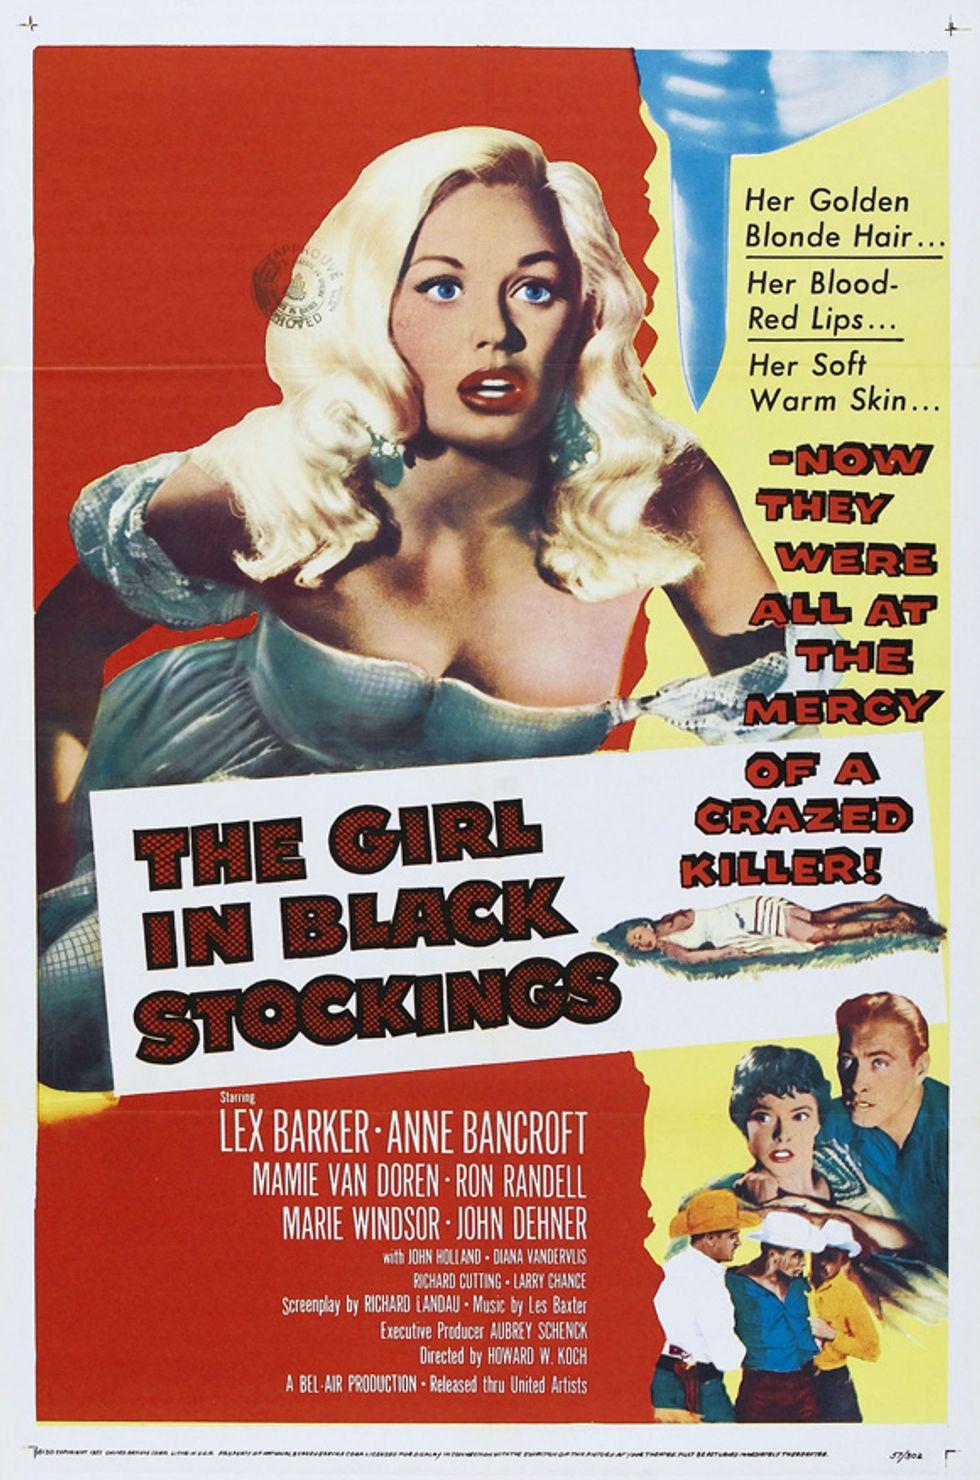 Oddball Noirish Thriller The Girl In Black Stockings On DVD